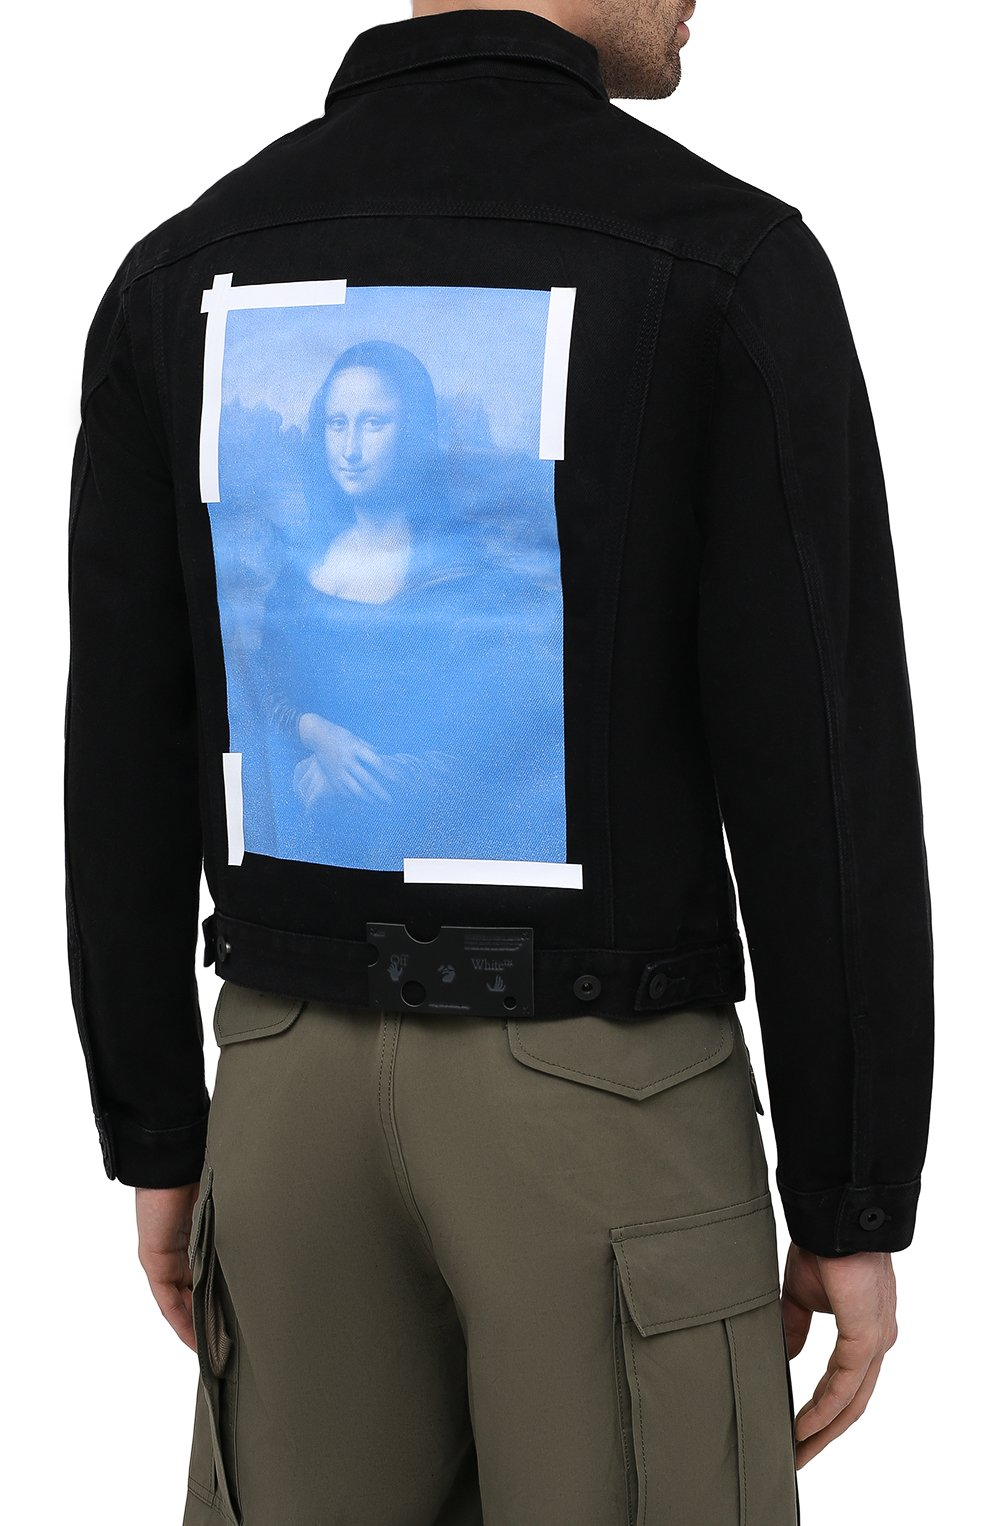 Мужская джинсовая куртка OFF-WHITE черного цвета, арт. 0MYE054R21DEN001 | Фото 4 (Кросс-КТ: Куртка, Деним; Рукава: Длинные; Стили: Гранж; Материал внешний: Хлопок, Деним; Длина (верхняя одежда): Короткие)